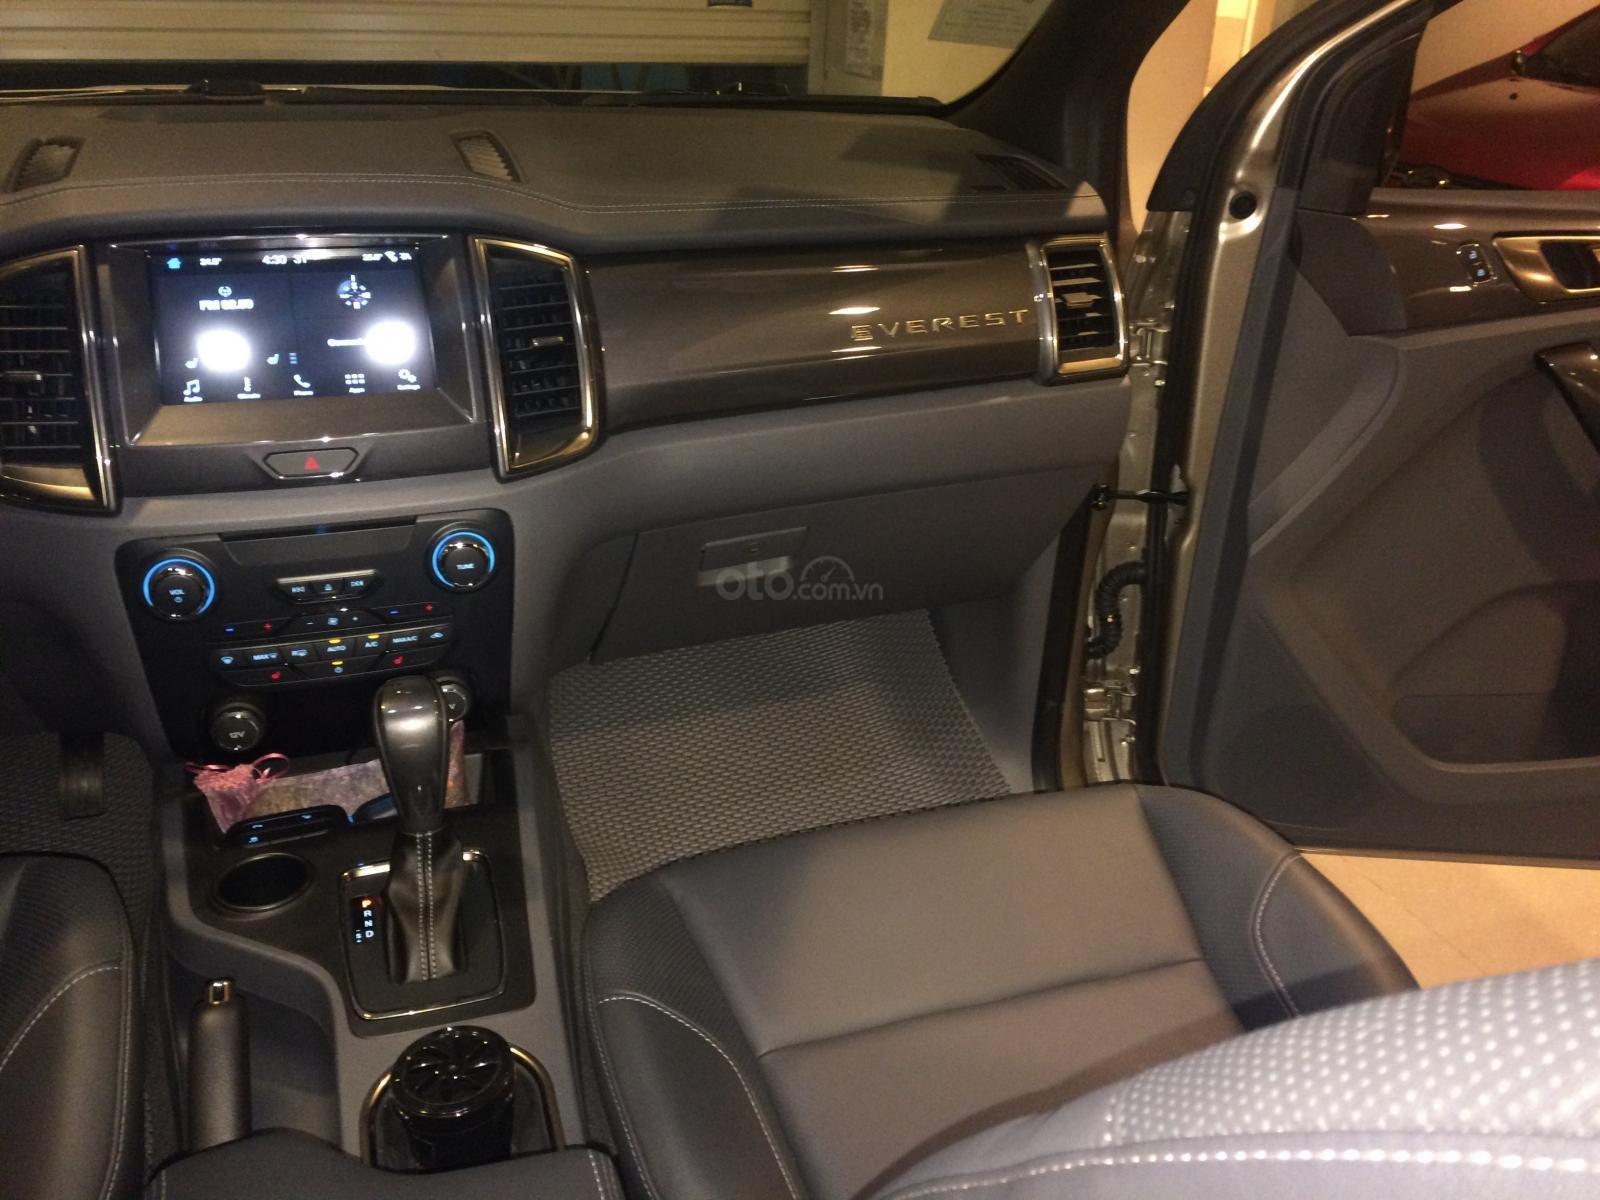 Bán Ford Everest Titanium 2016, xe bán và bảo hành tại Ford, hỗ trợ trả góp-9